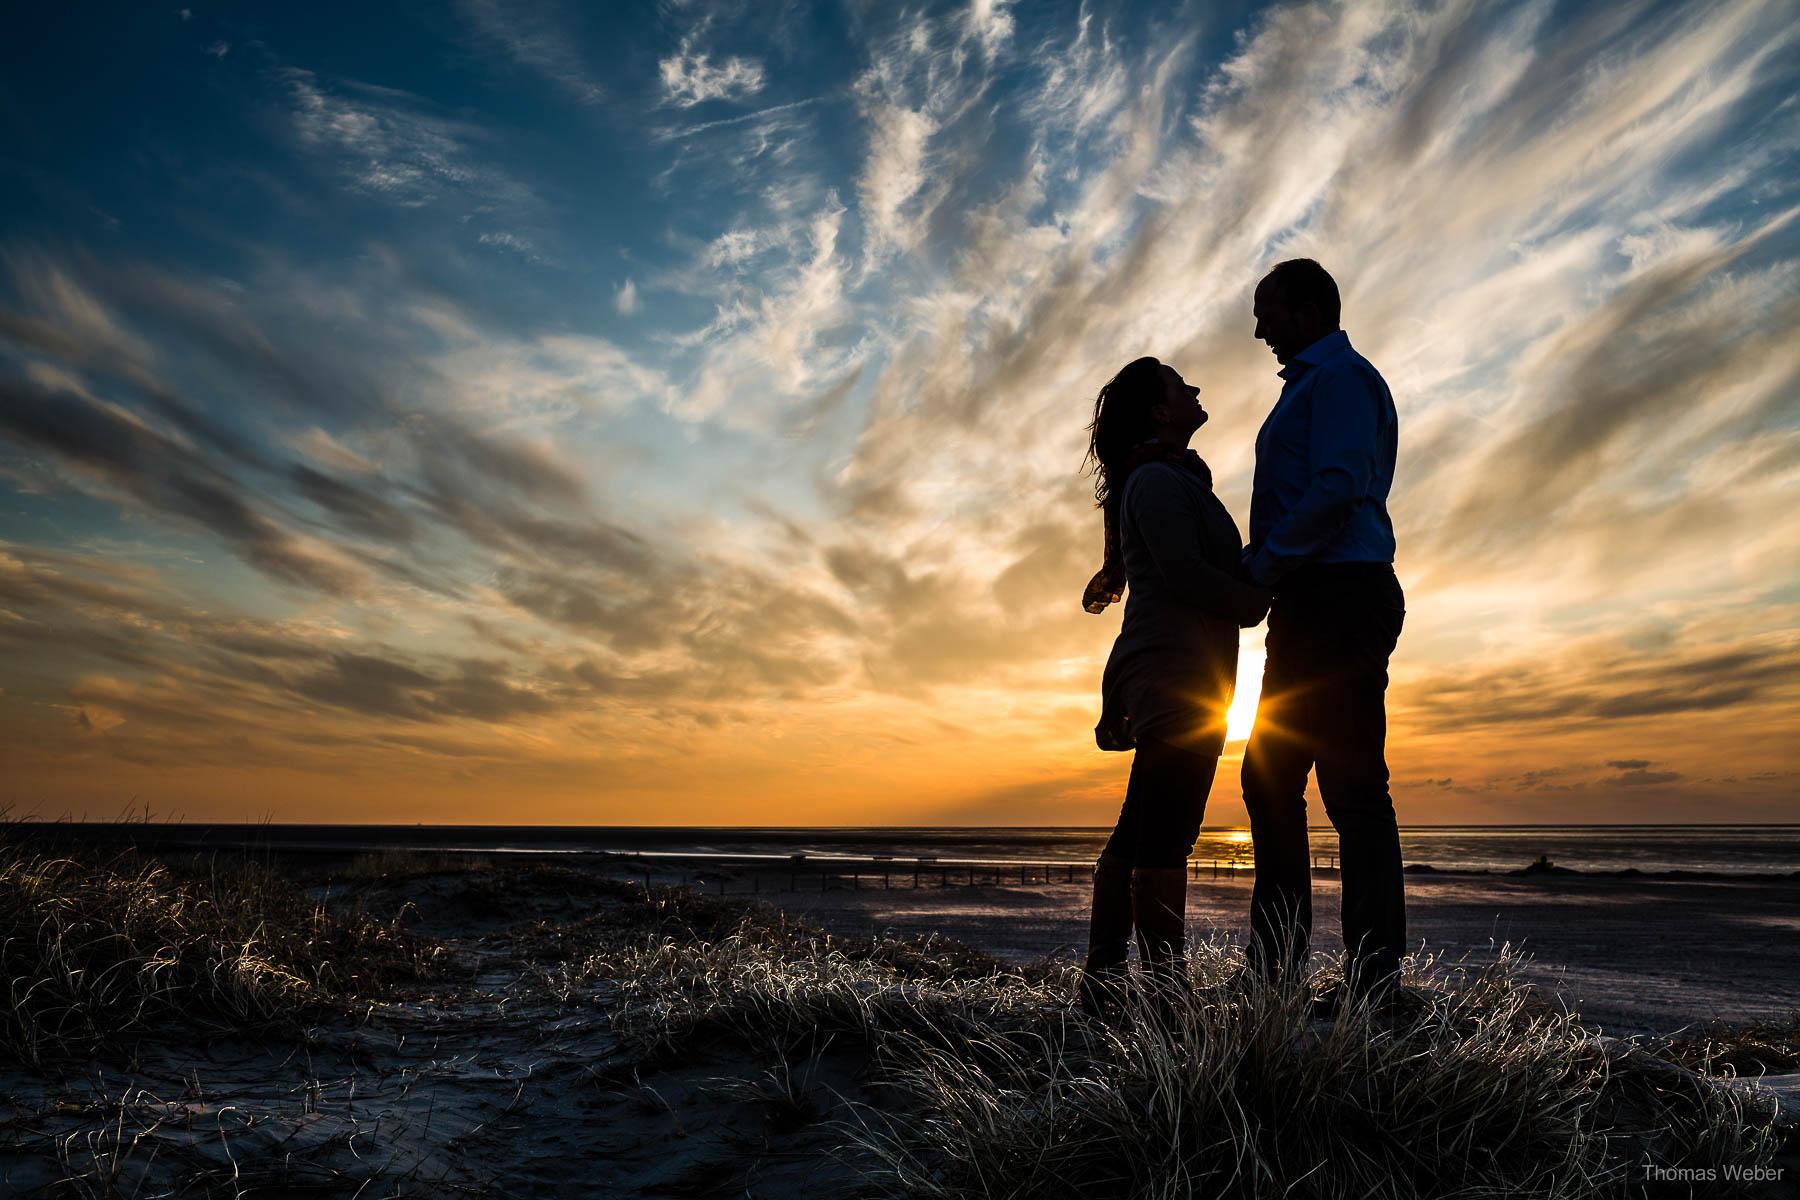 Hochzeitsfotograf Ostfriesland für schöne Hochzeitsfotos auf der Nordseeinsel Wangerooge, Heiraten auf Wangerooge